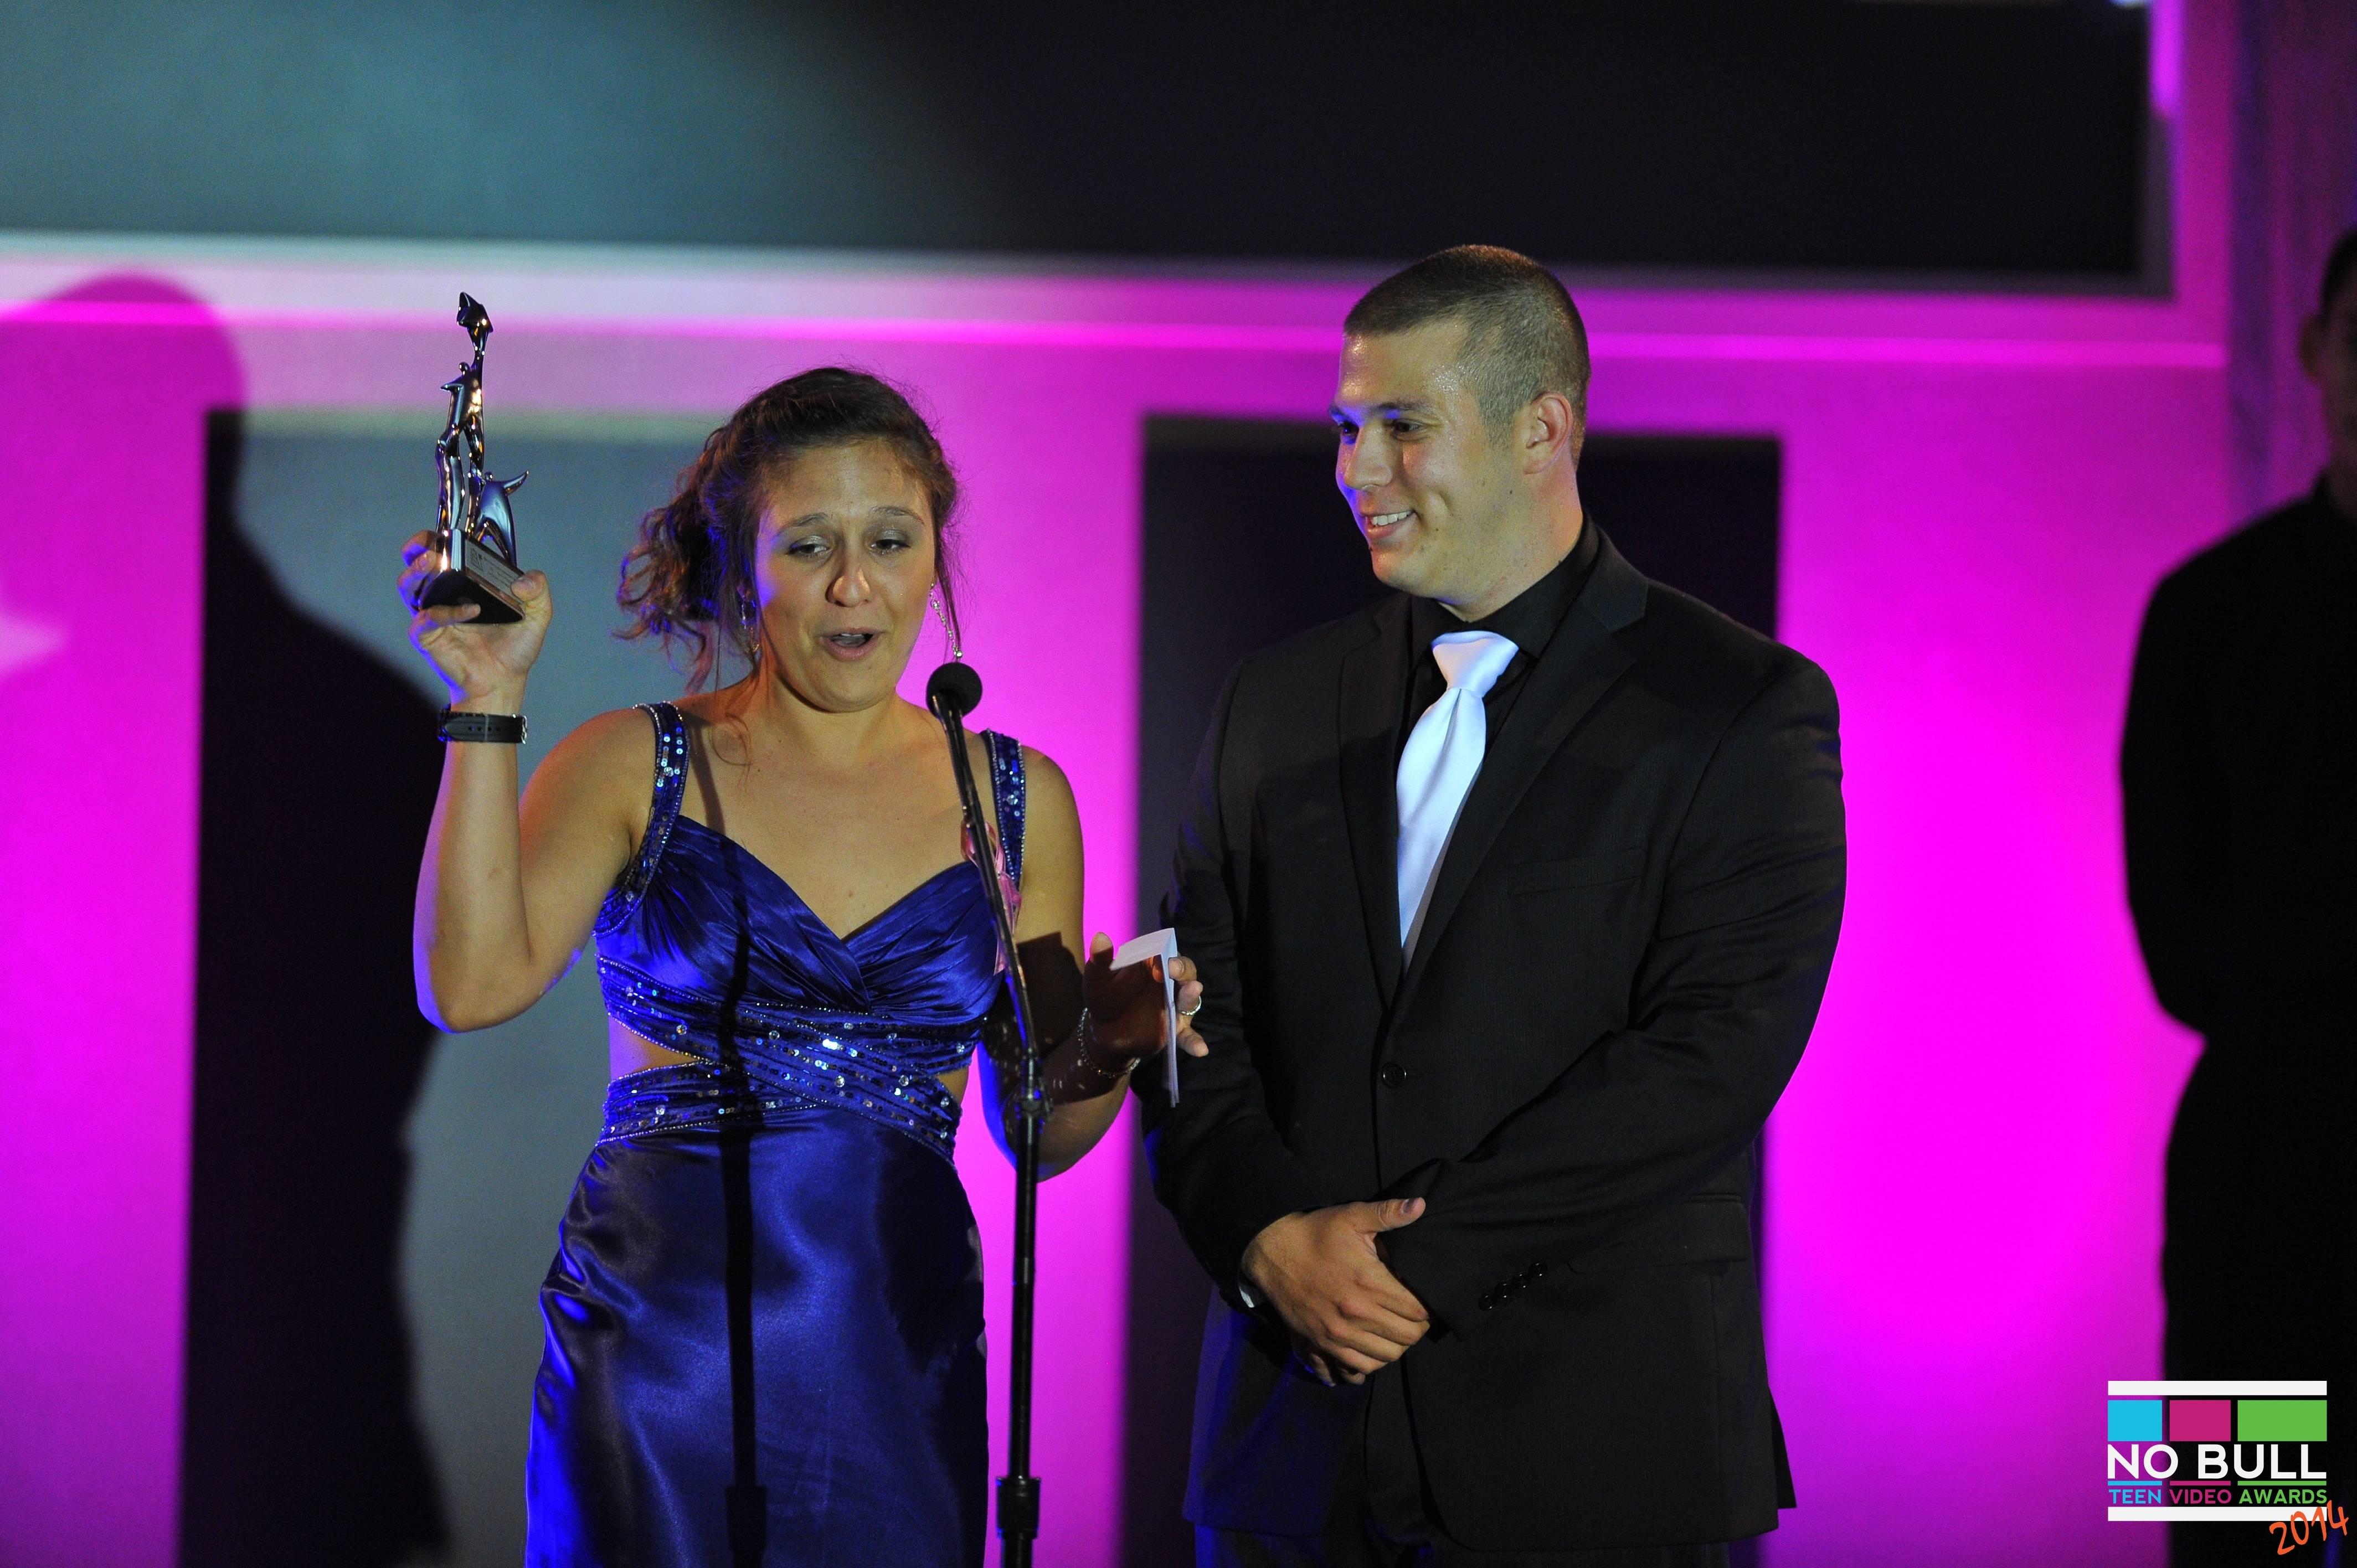 Rachael Ruggiano - 2014 Award Winner